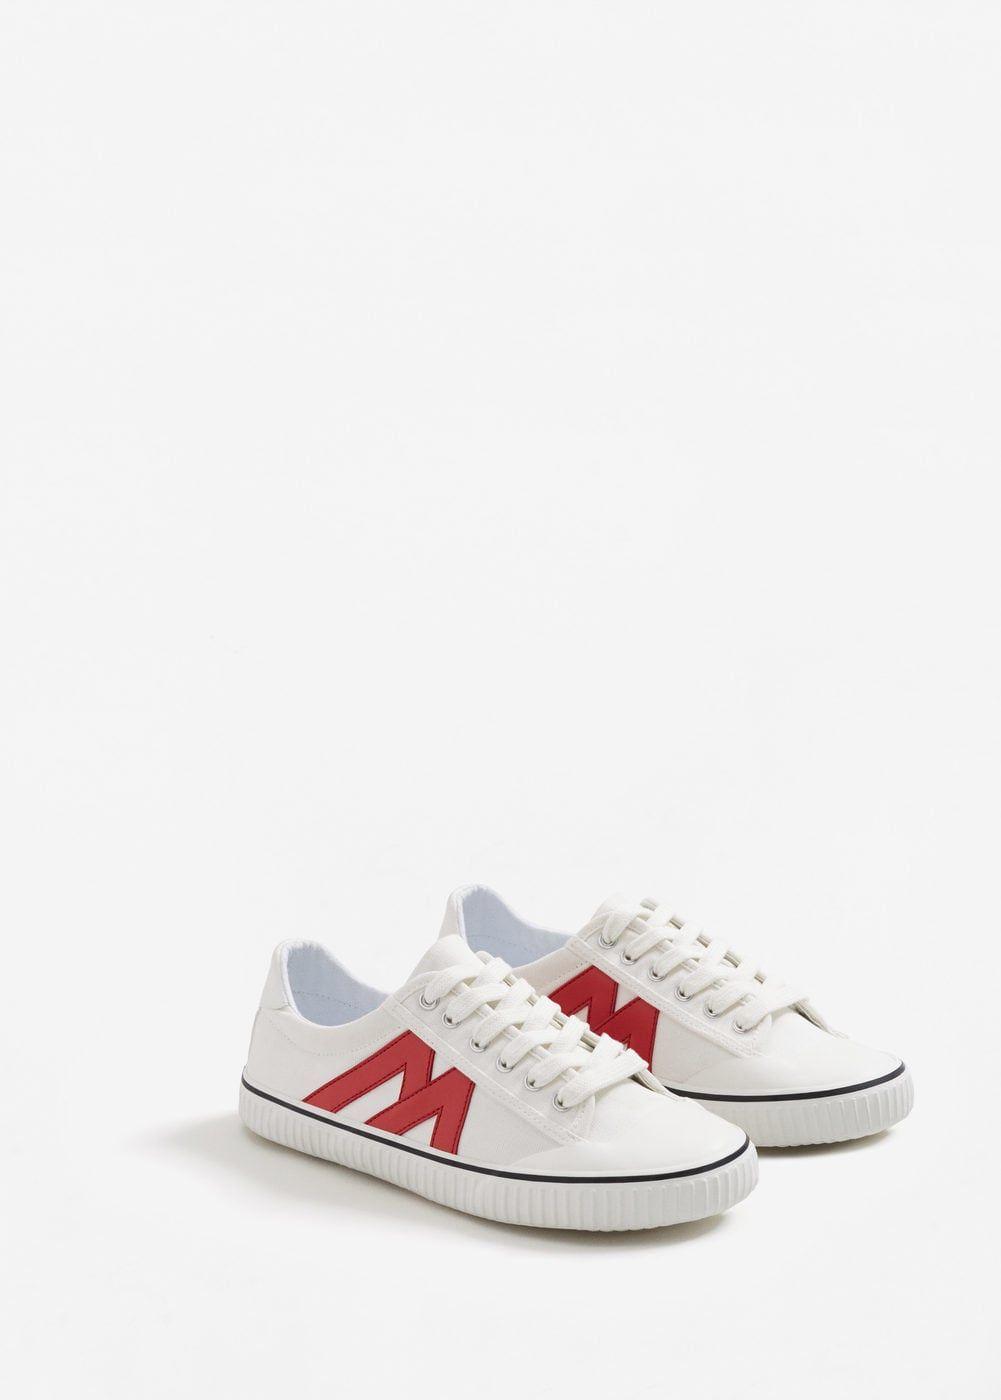 Contrast appliqué sneakers - Women  a485d5d1e